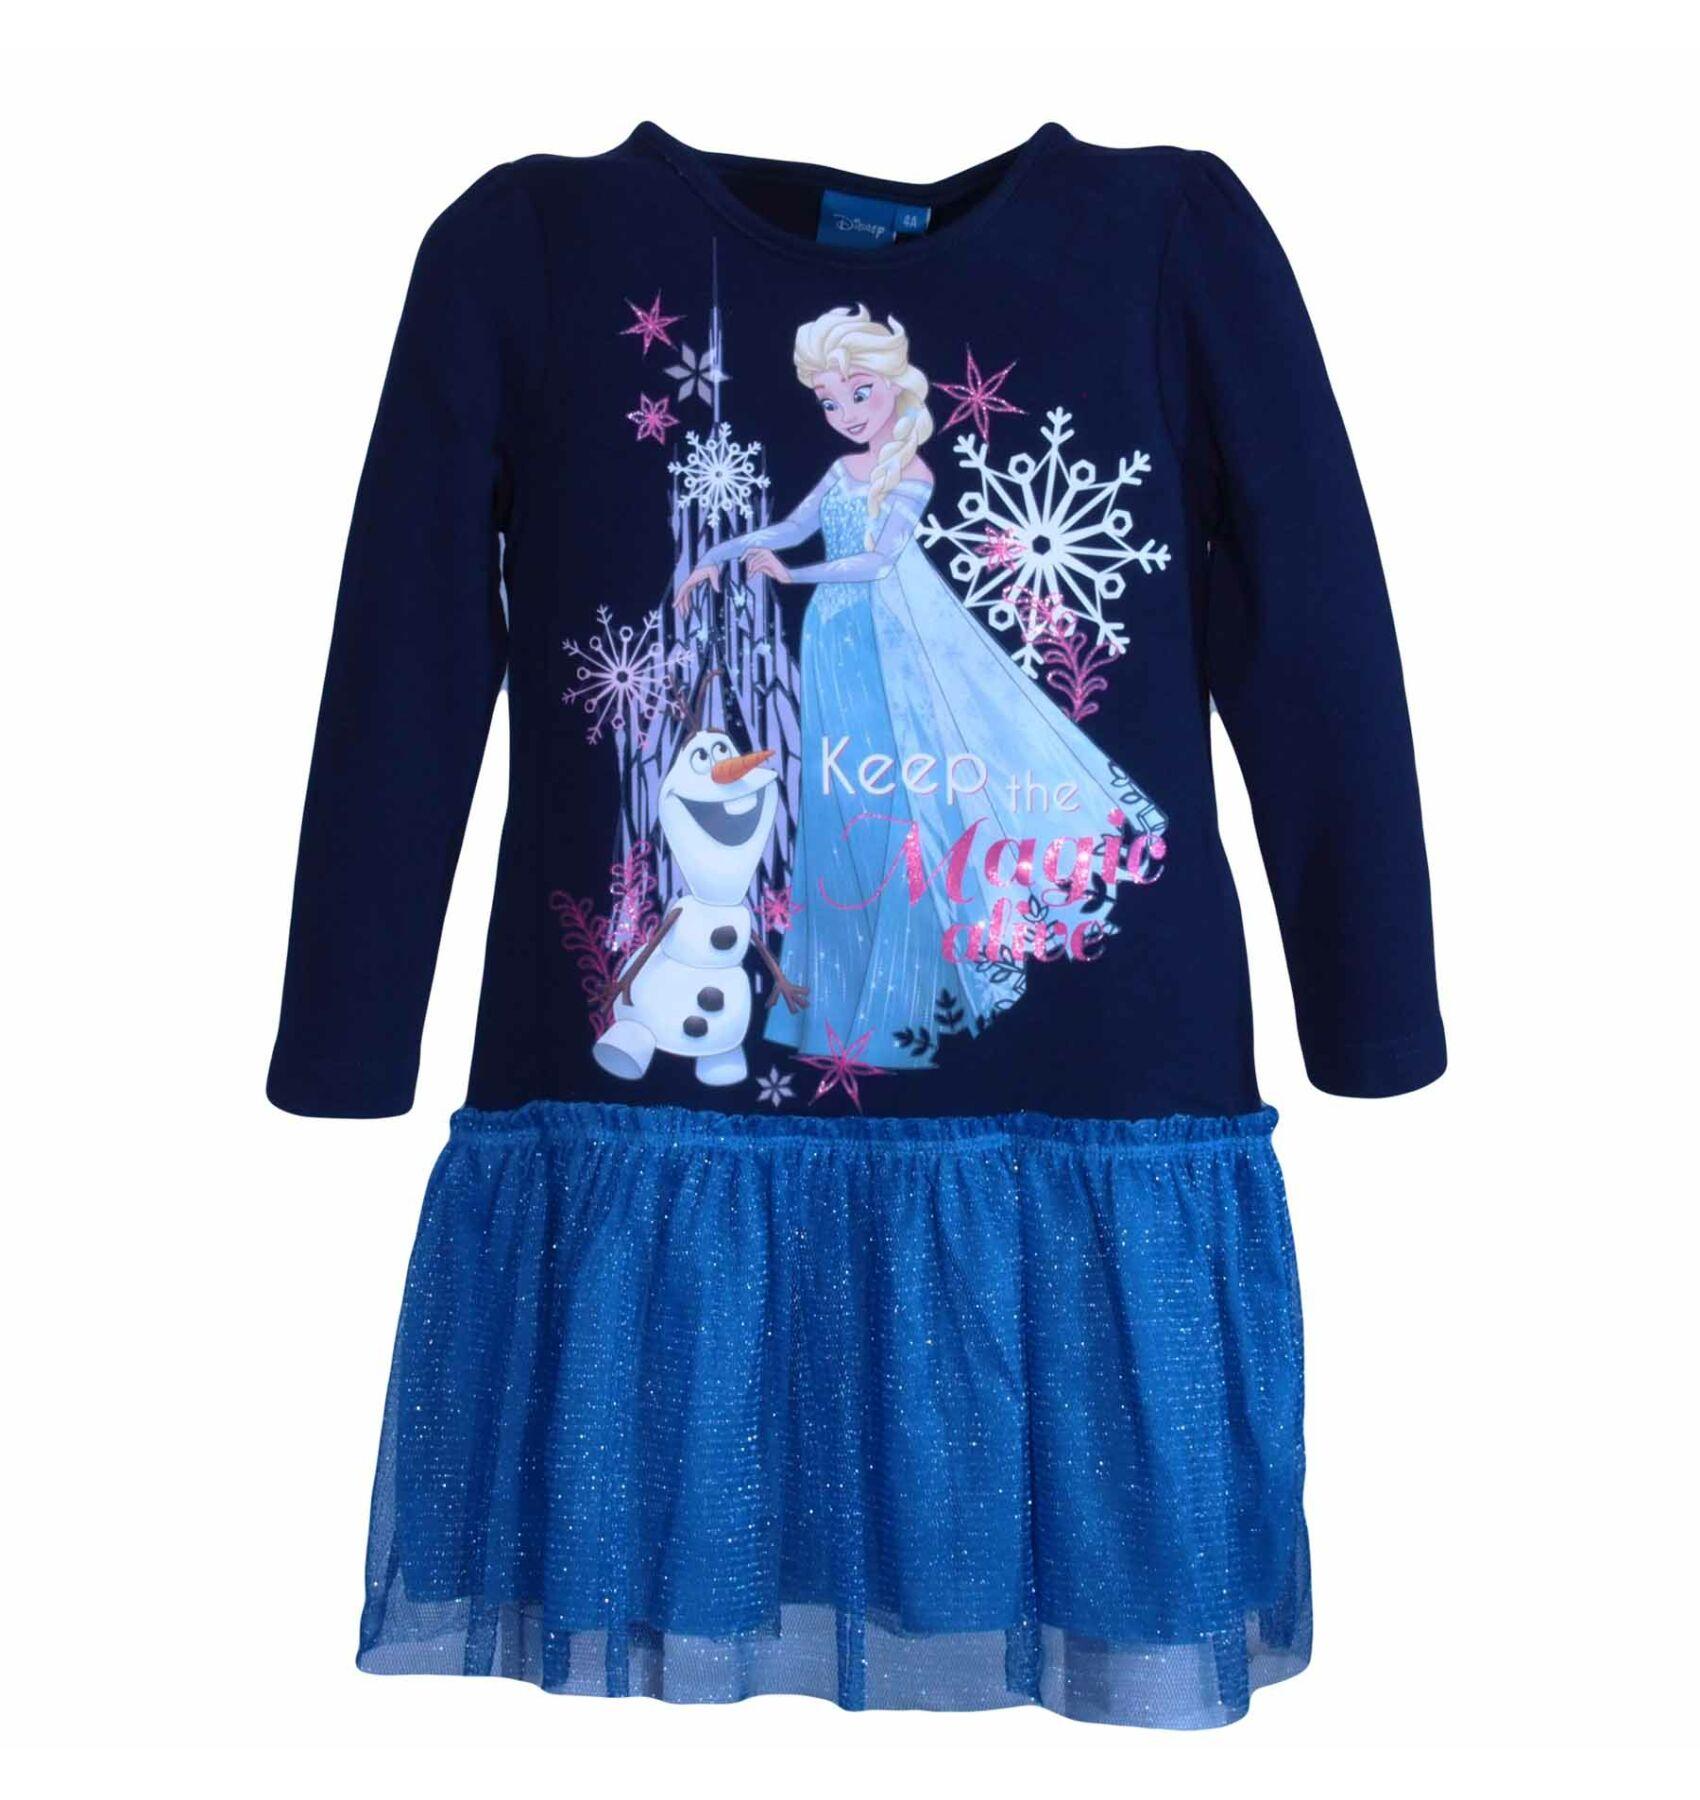 4a2de27318 Minőségi gyerek ruhák Disney, Marvel Mesehősök , gyerek ajándékok ...